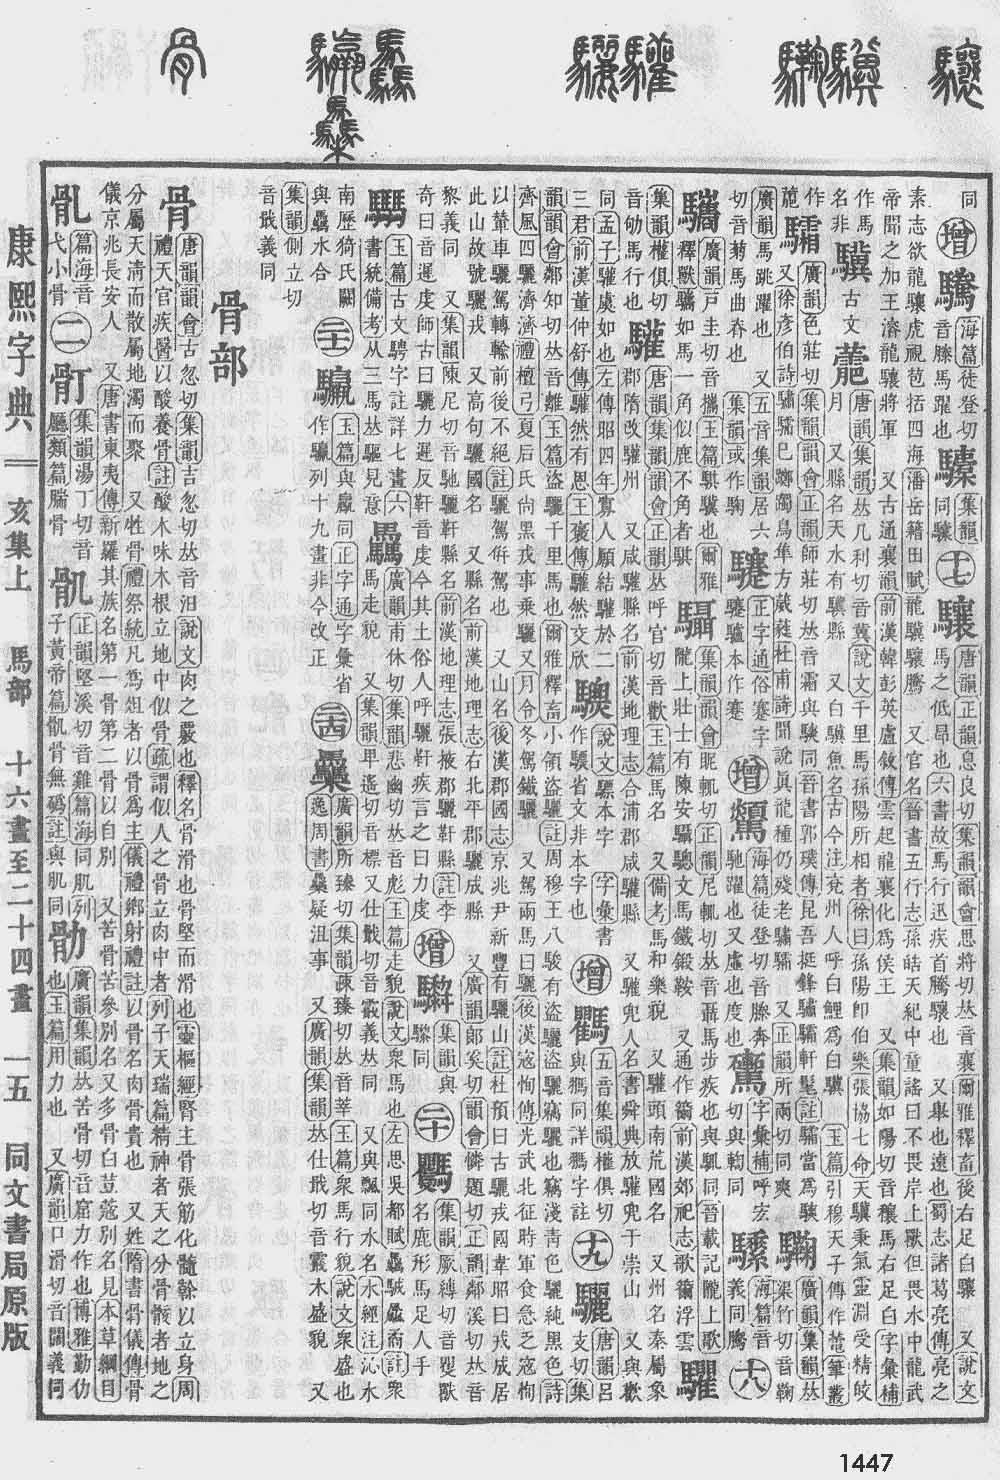 《康熙字典》第1447页